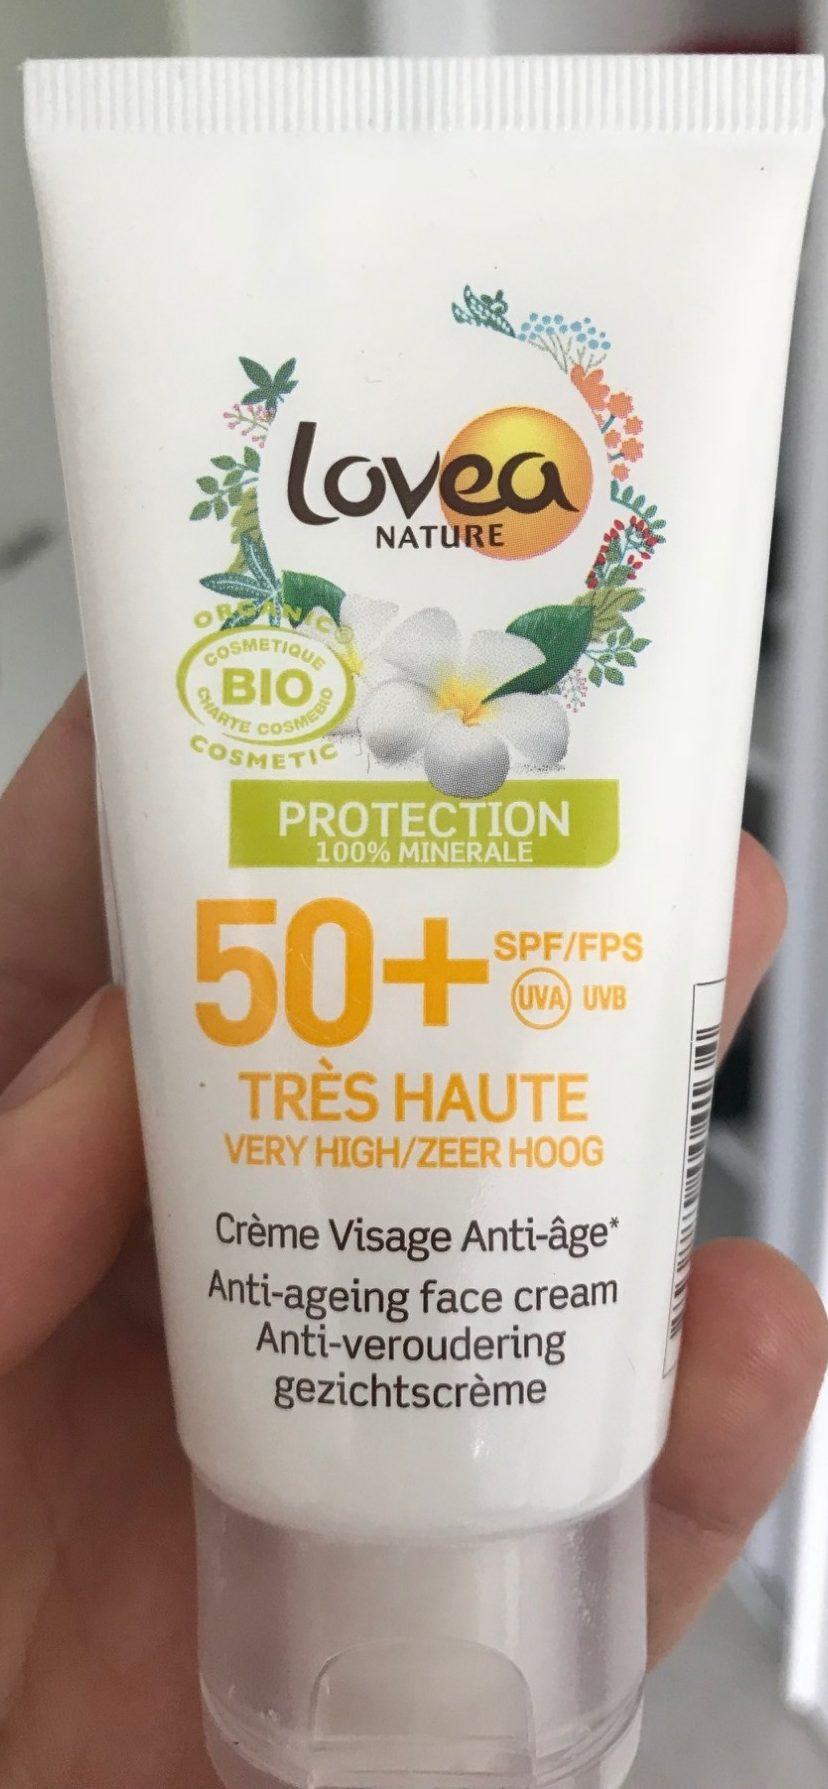 Crème visage Protection 100% Minérale SPF 50+ - Product